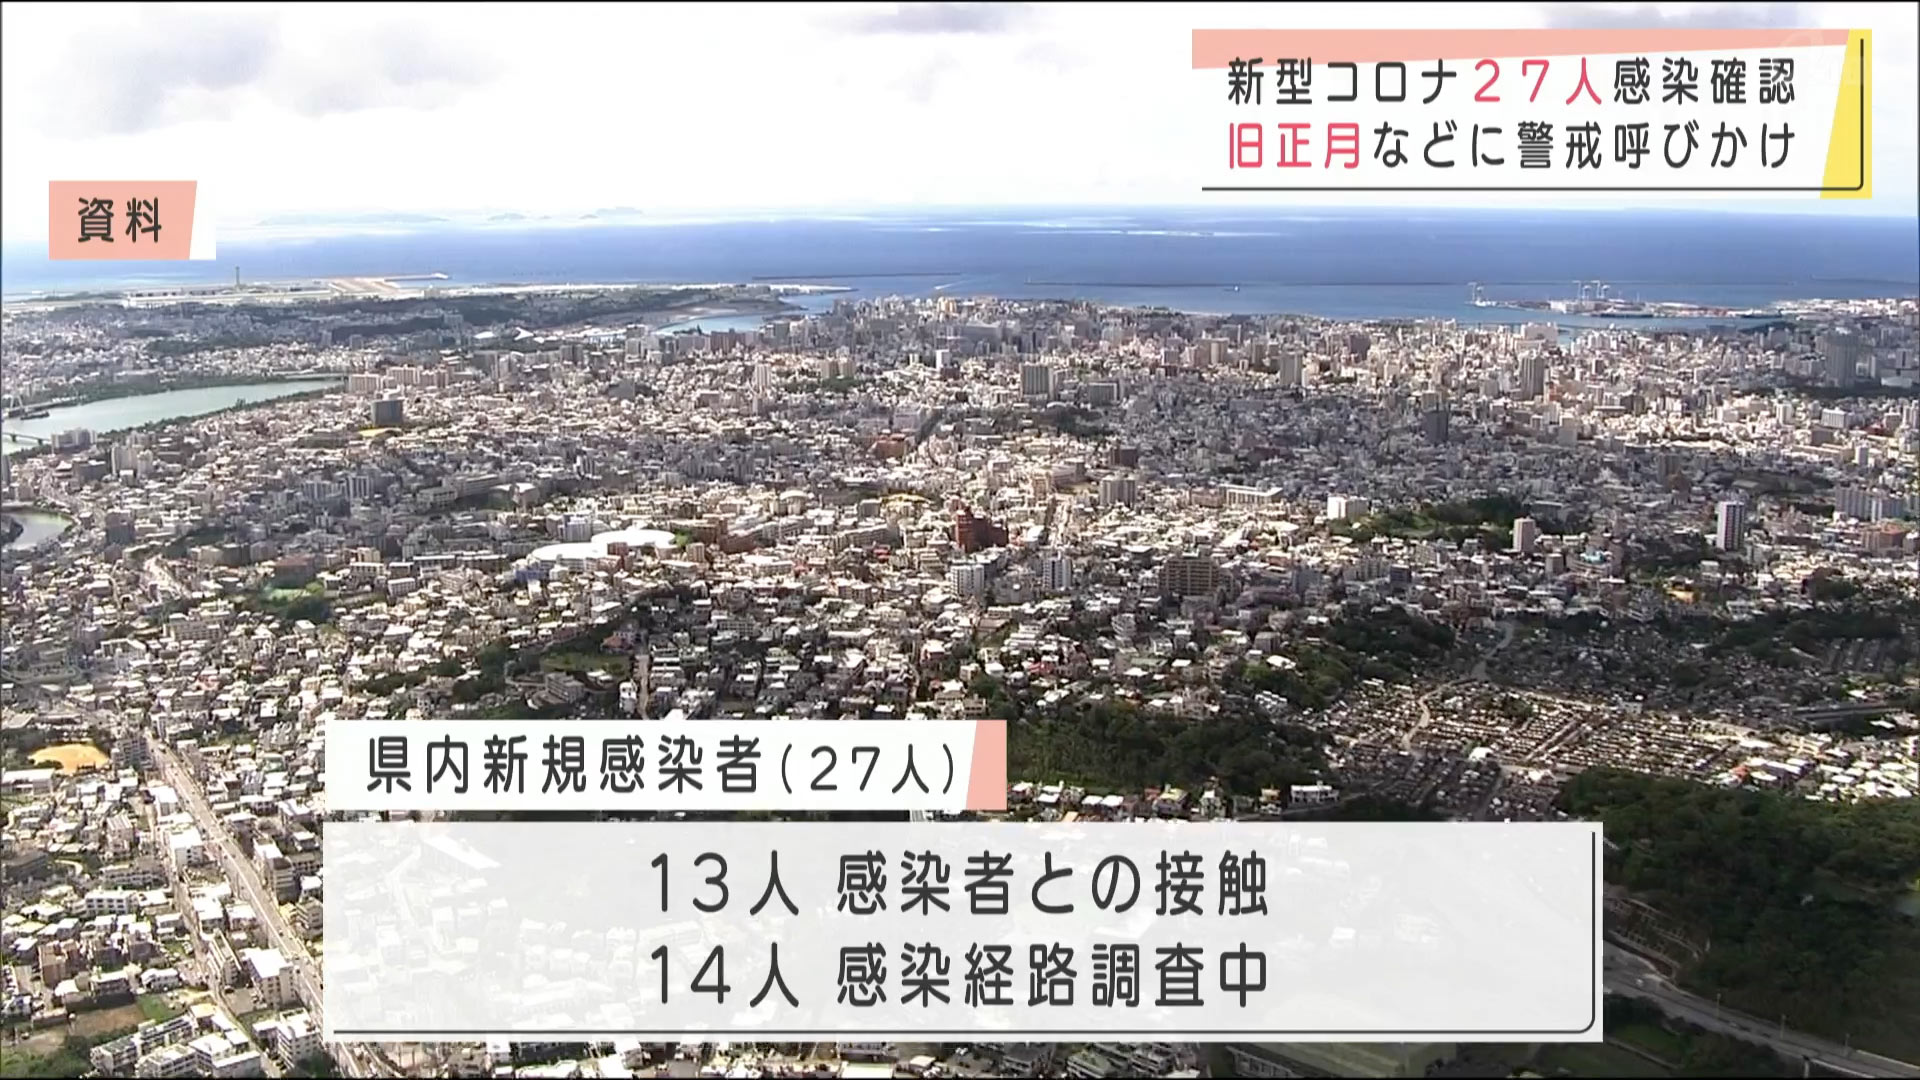 沖縄県 新型コロナに27人が感染